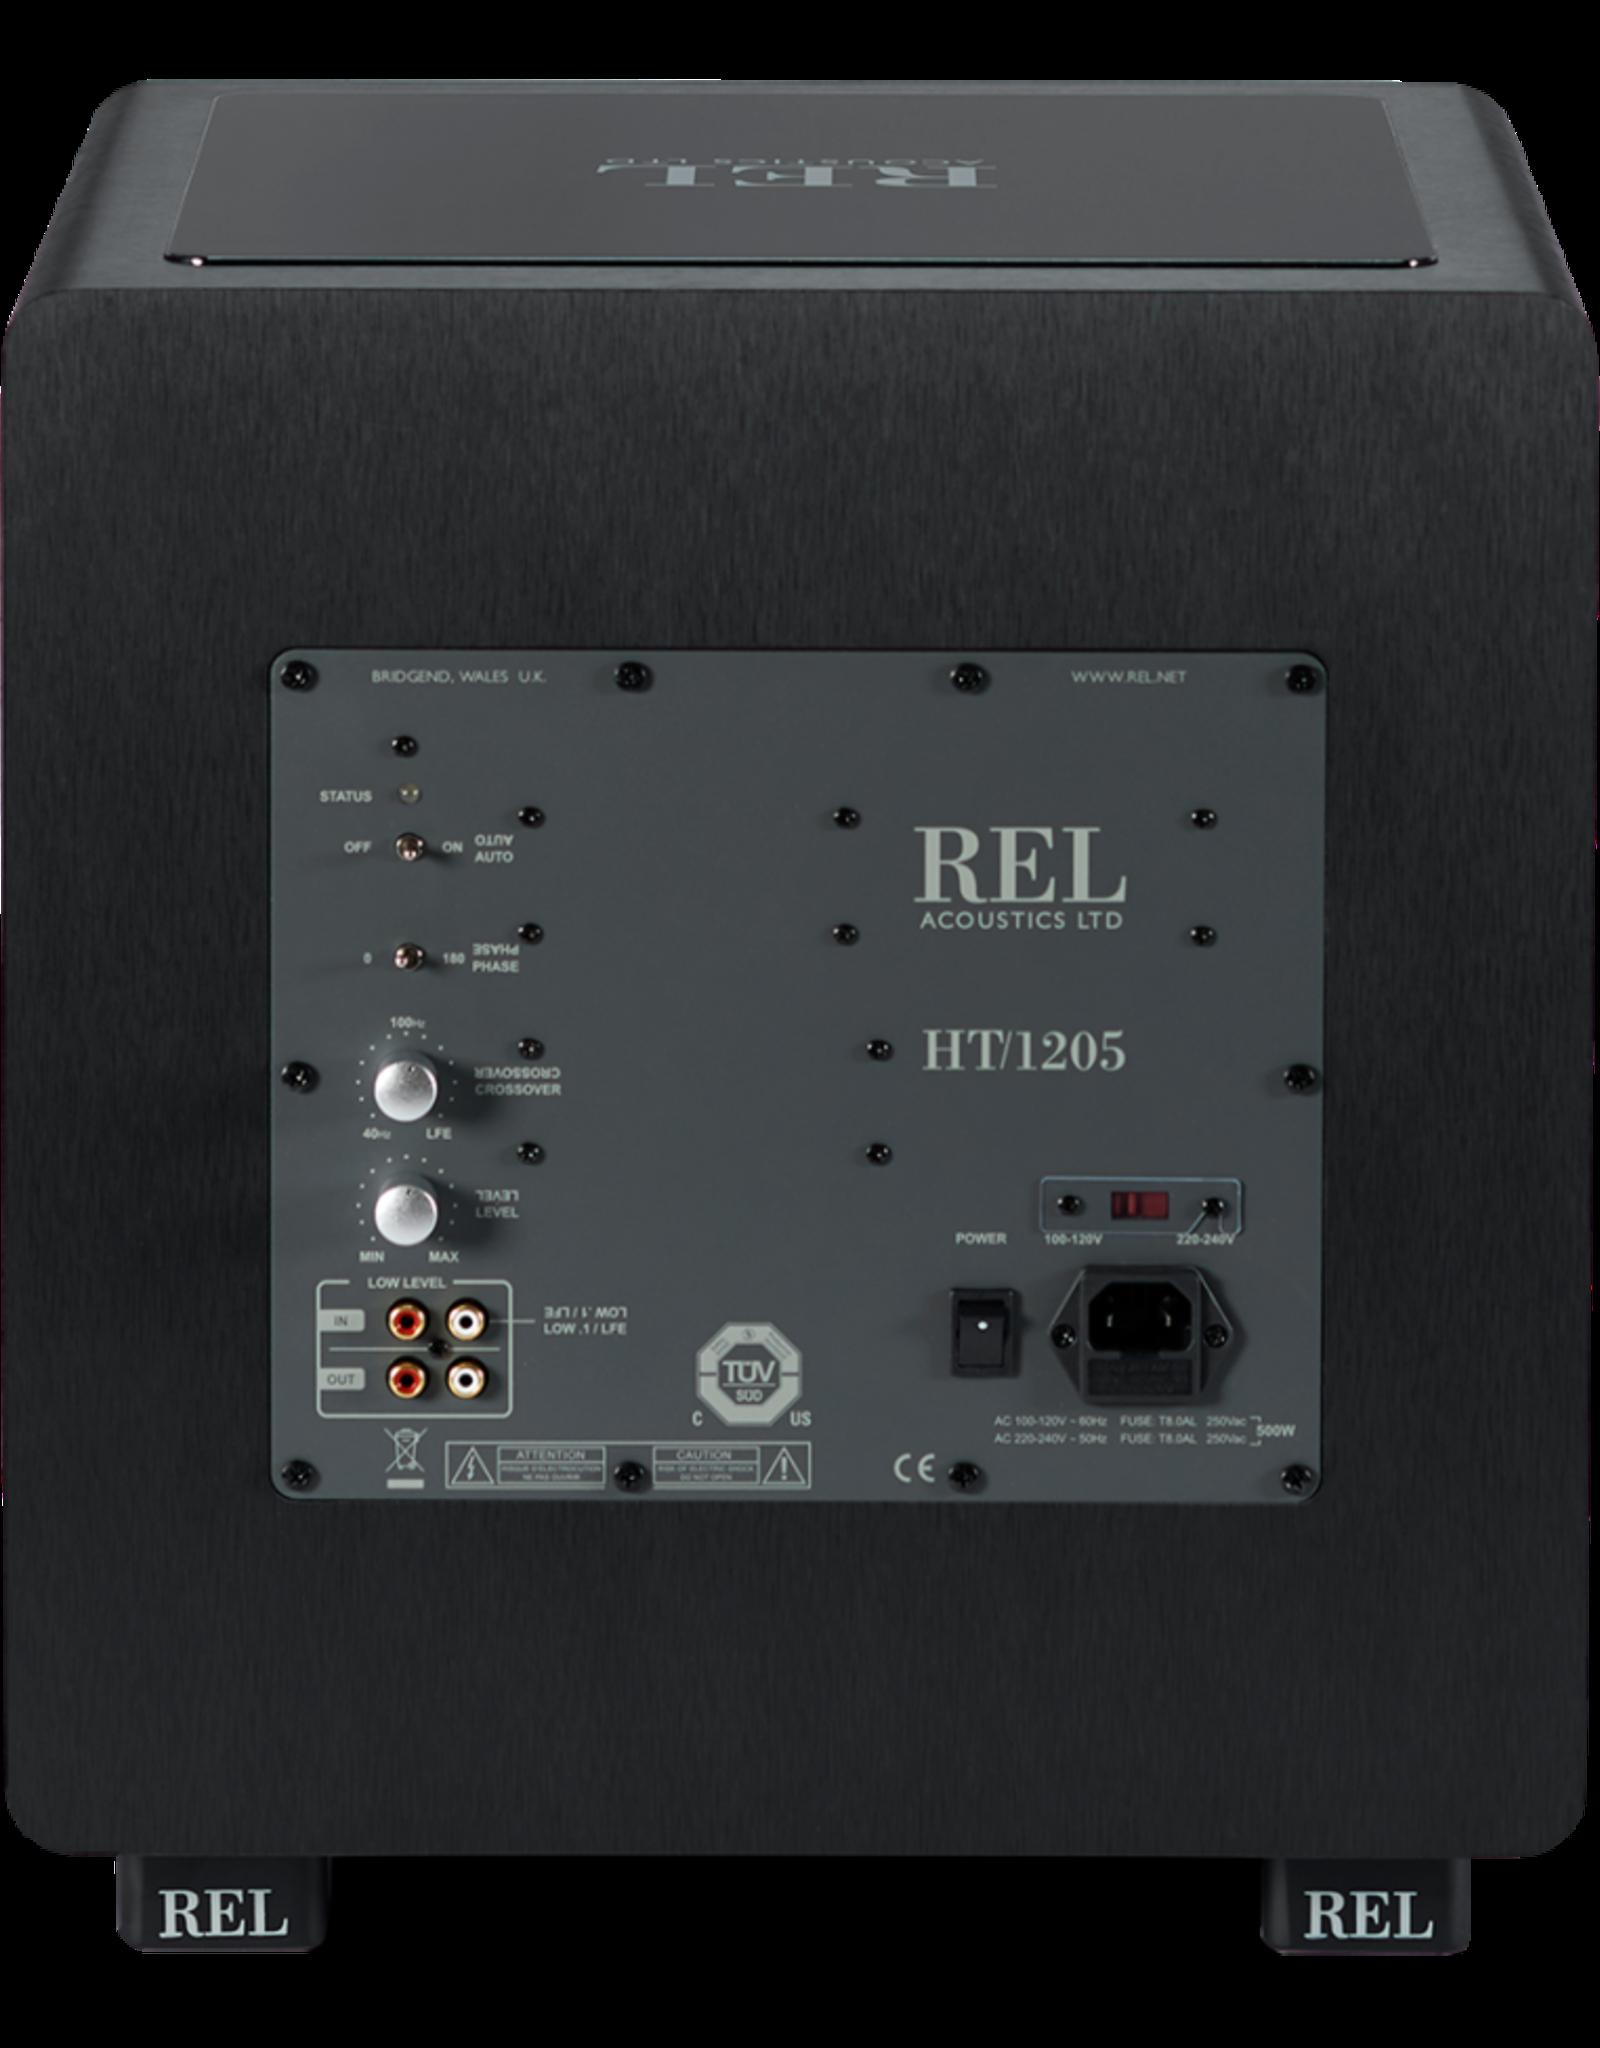 REL REL HT/1205 Subwoofer